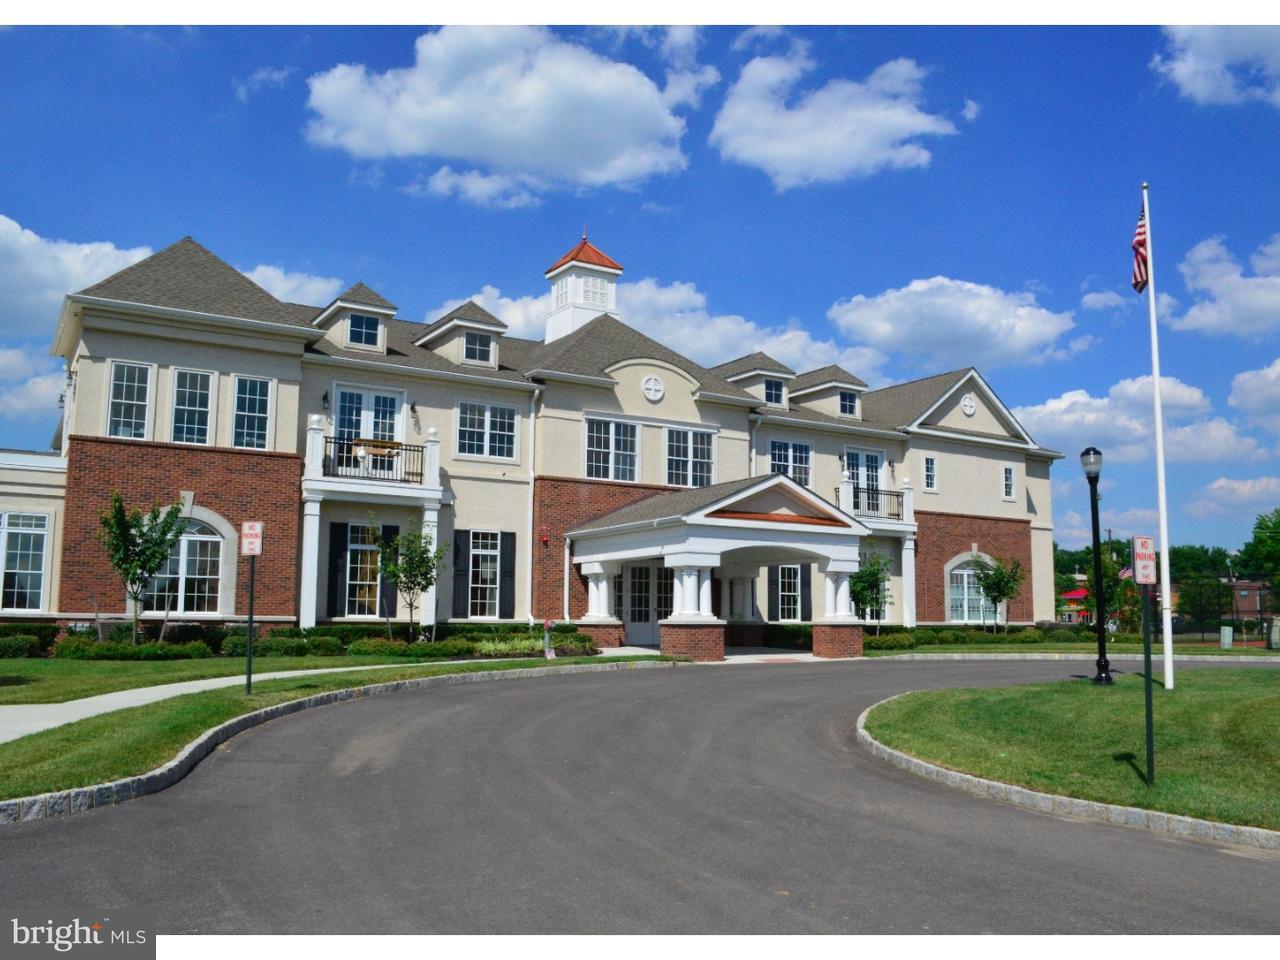 Maison unifamiliale pour l à louer à 429 CITATION LN #429 Cherry Hill, New Jersey 08002 États-Unis